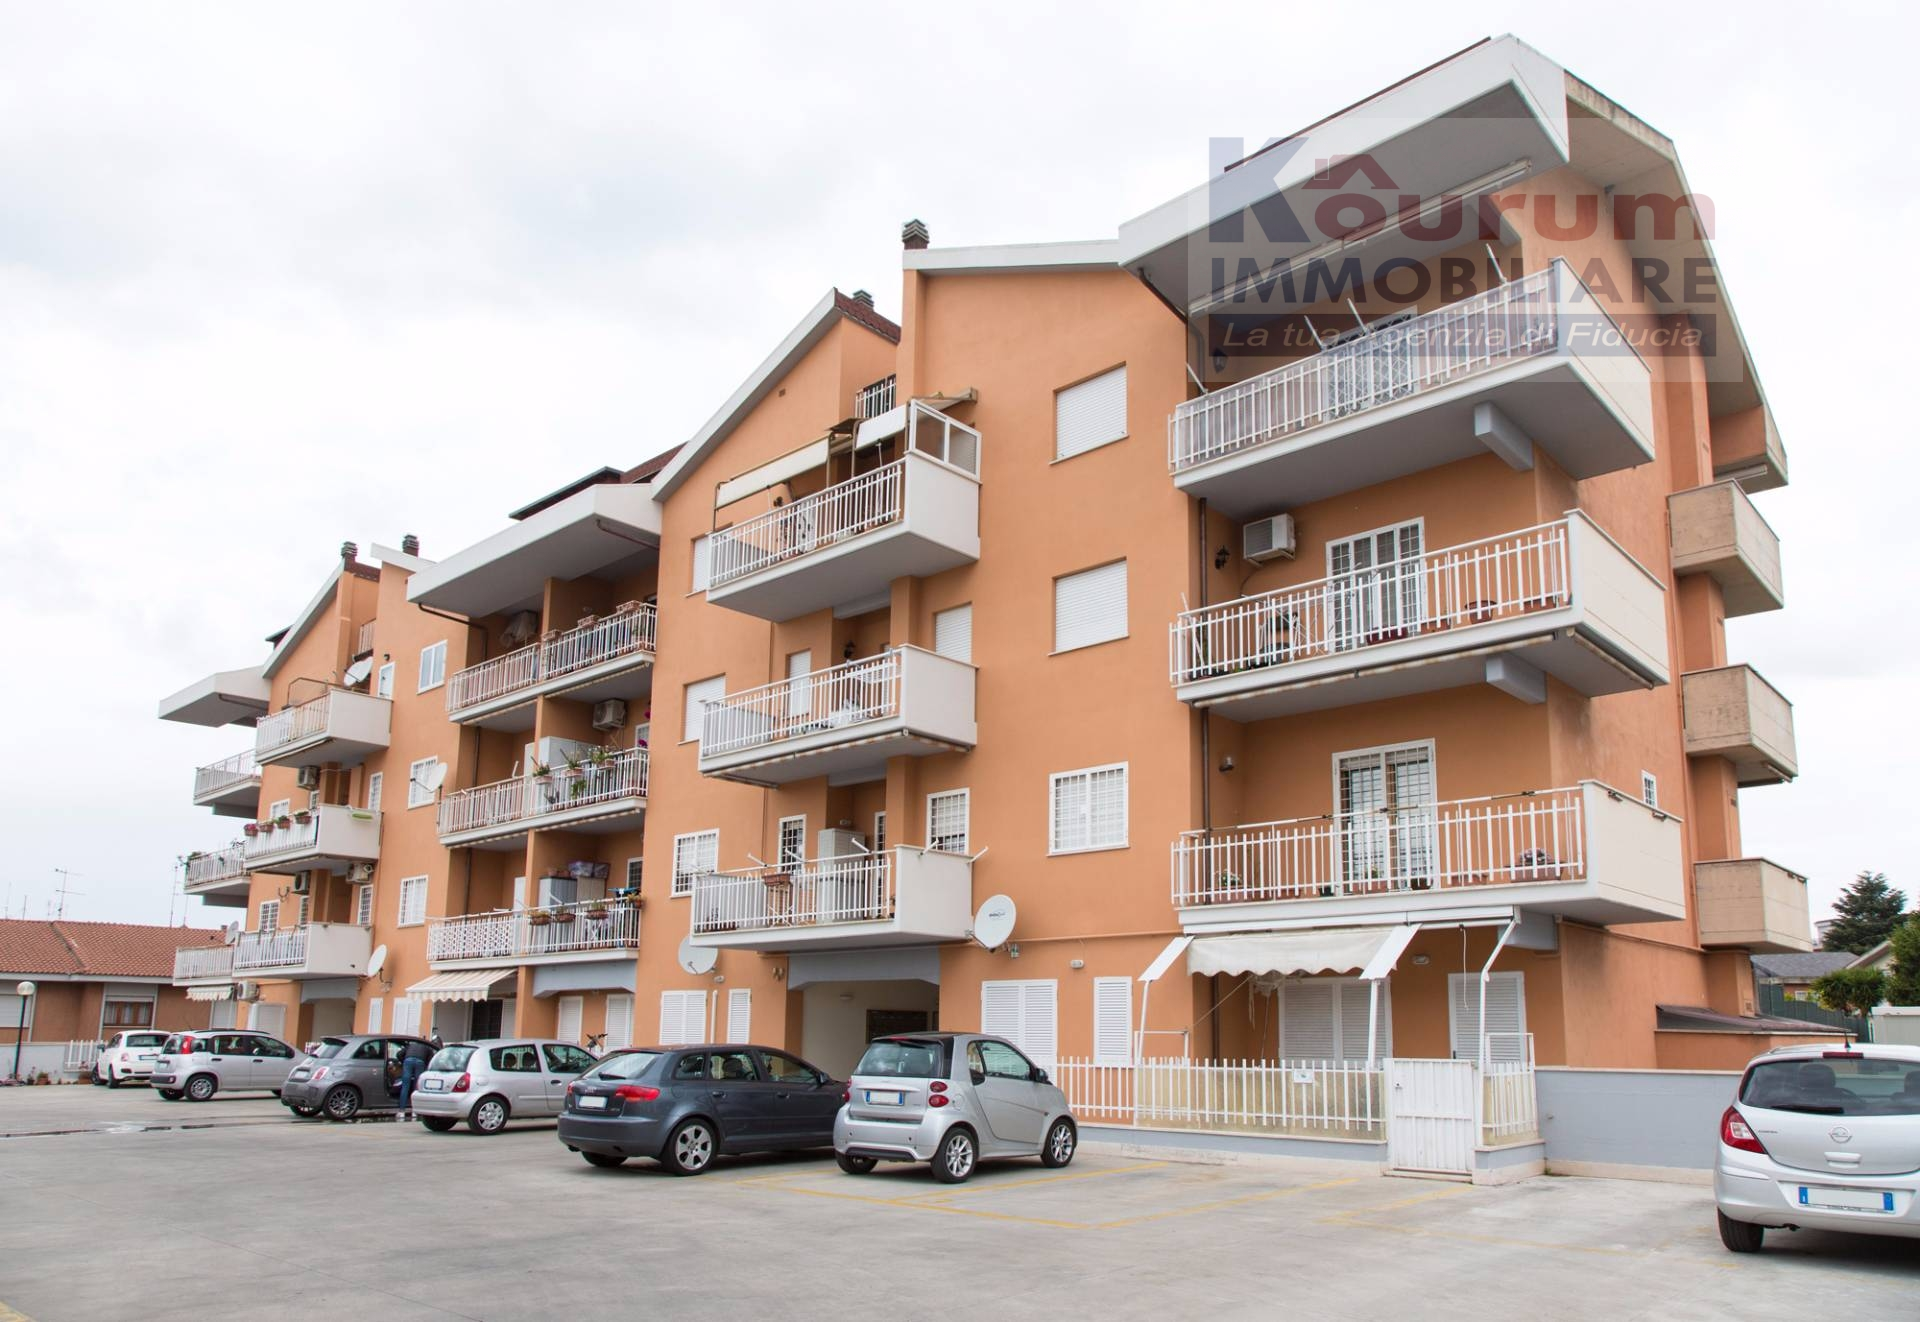 Appartamento in vendita a Ciampino, 3 locali, zona Località: ViadeiLaghi, prezzo € 179.000 | CambioCasa.it